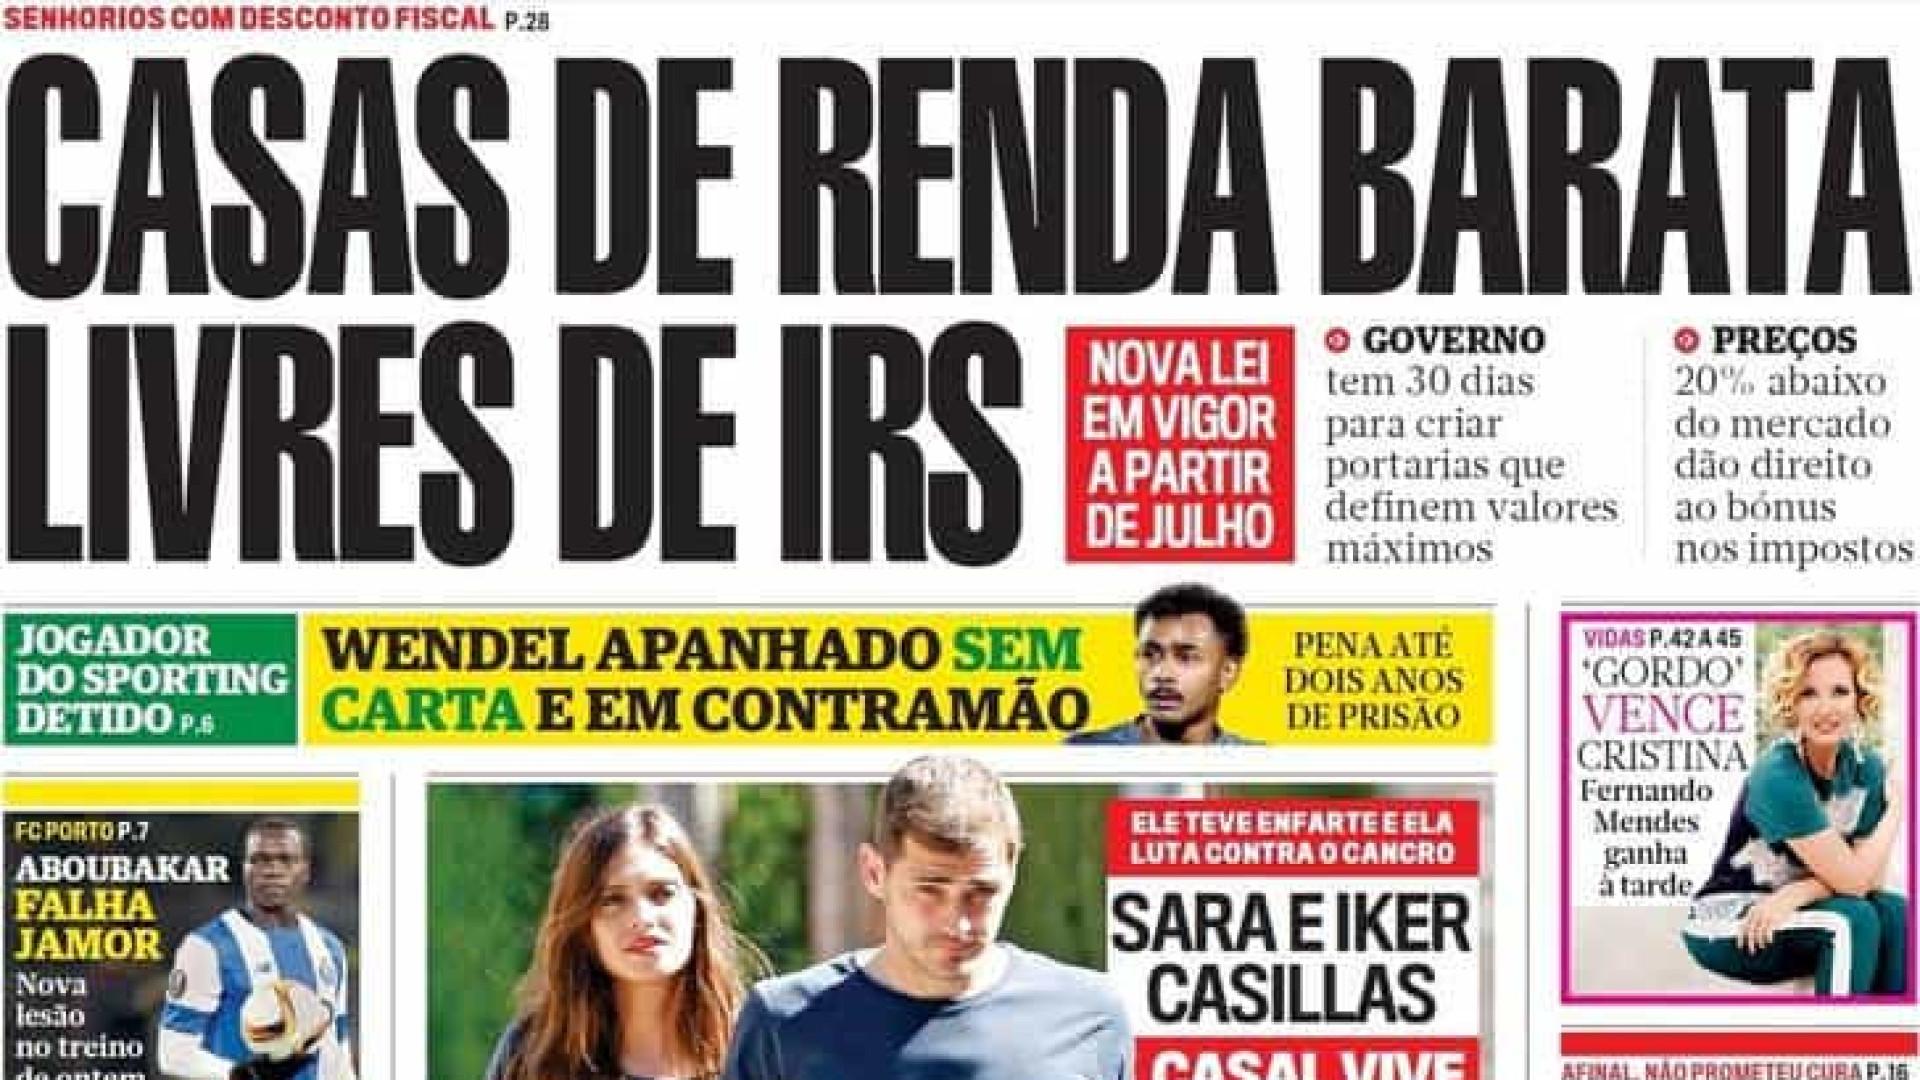 Hoje é notícia: Rendas baratas sem IRS